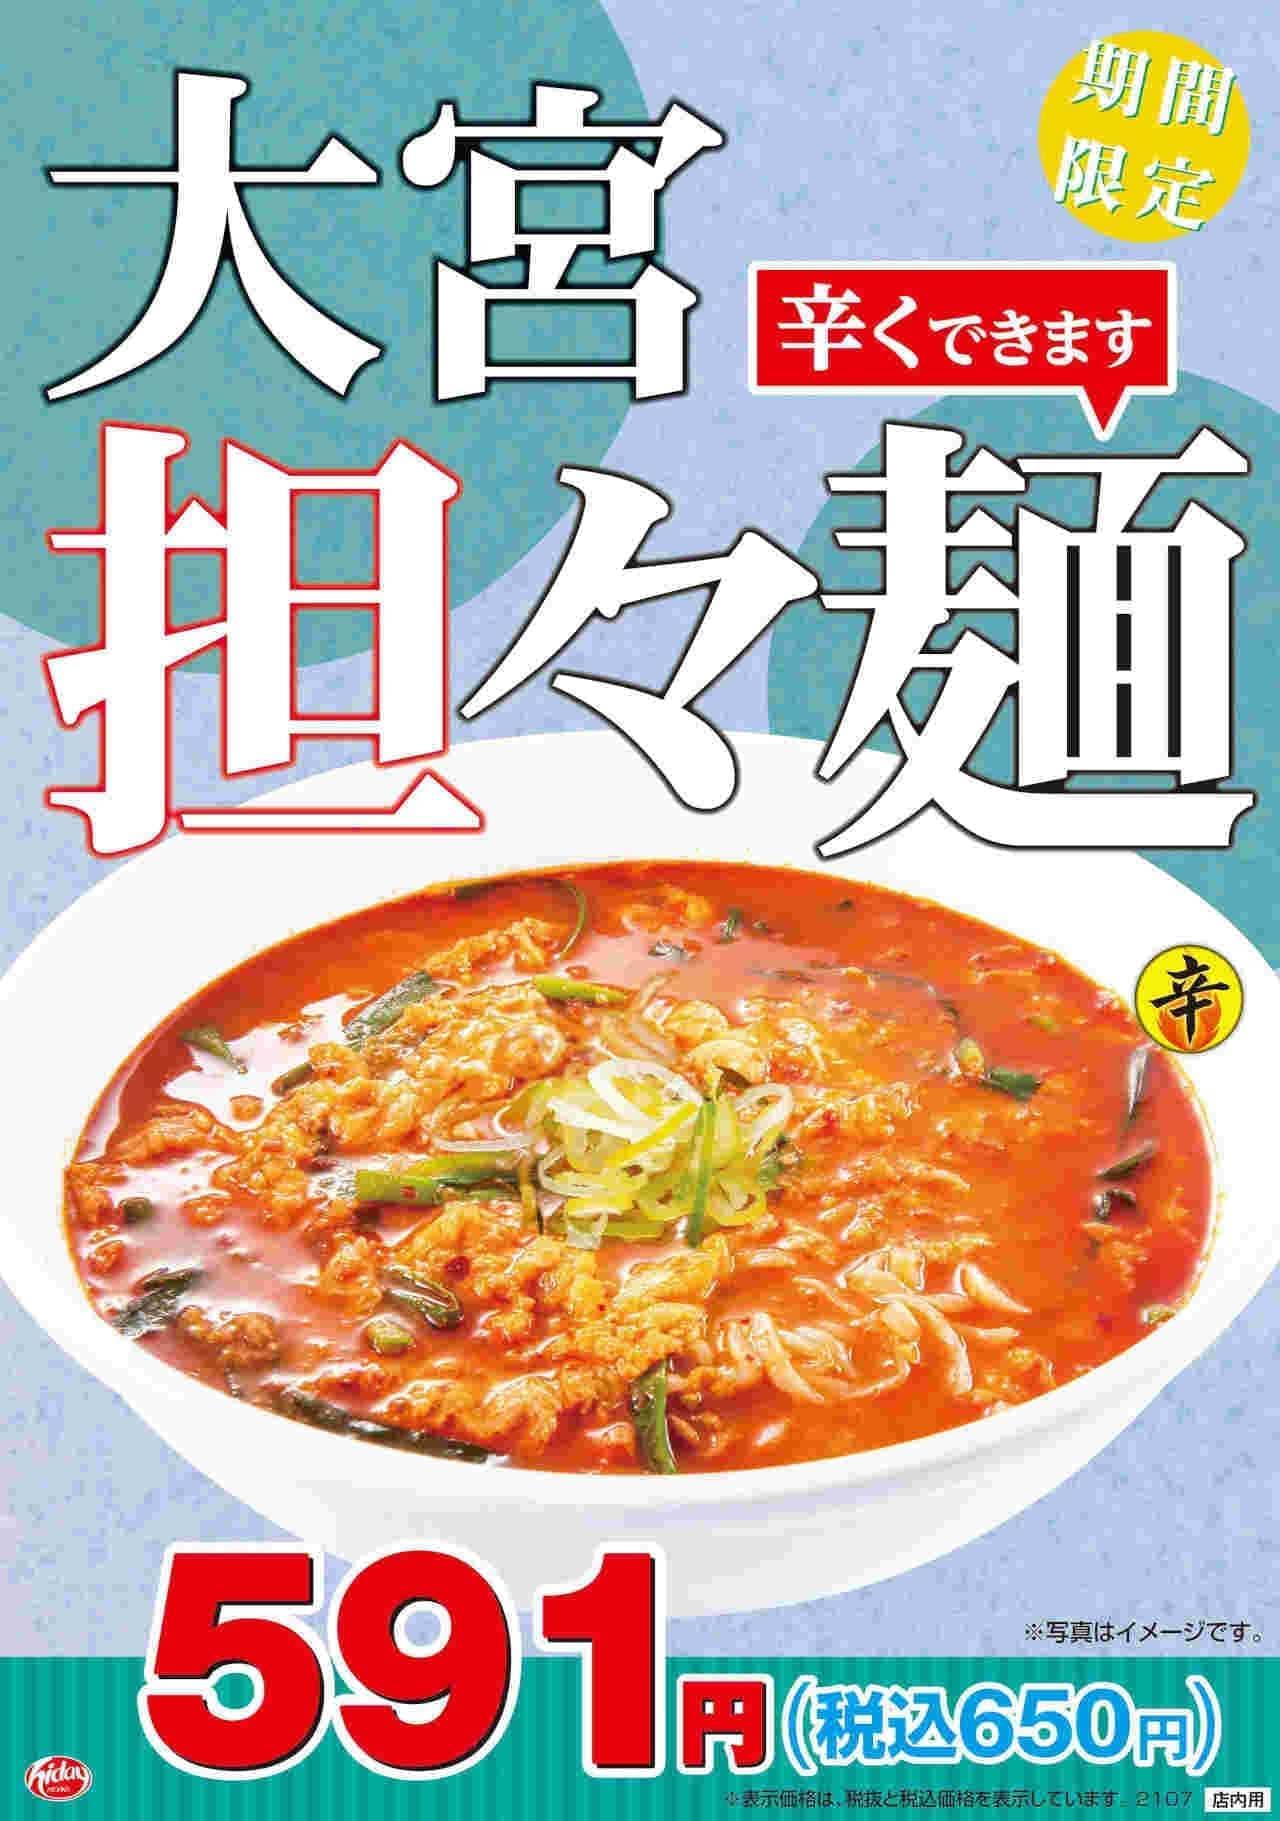 日高屋「大宮担々麺」